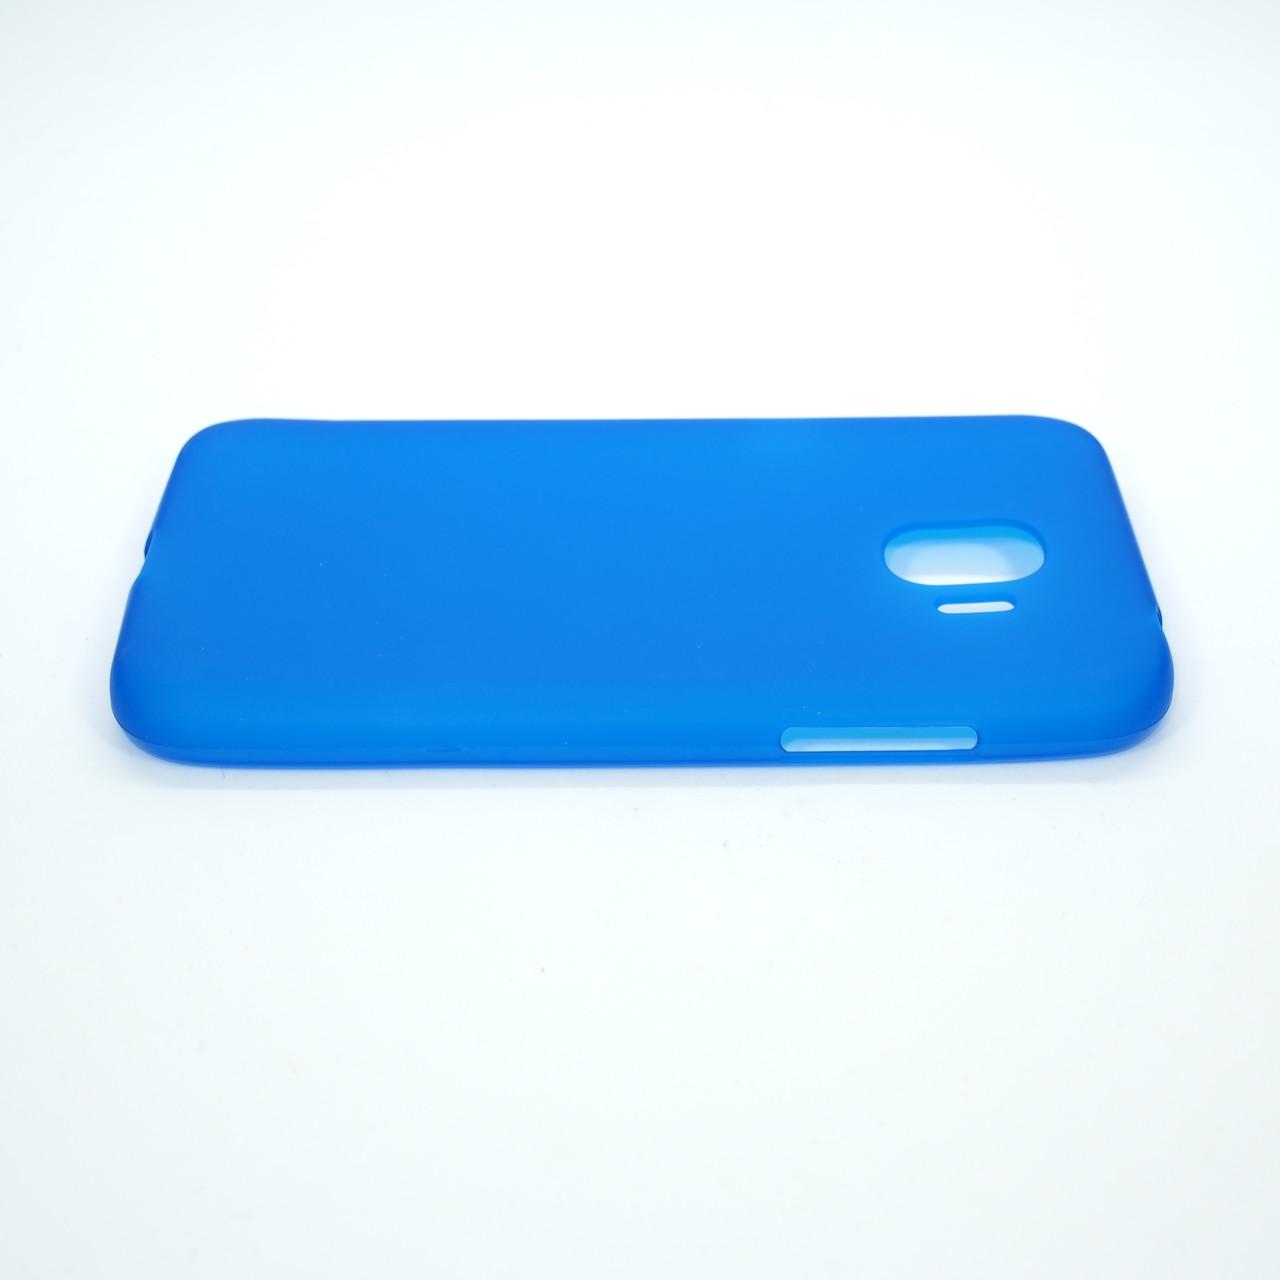 Чехлы для Galaxy J Series (остальные модели) TPU Samsung J250 blue J2 (J200) 2018 Для телефона